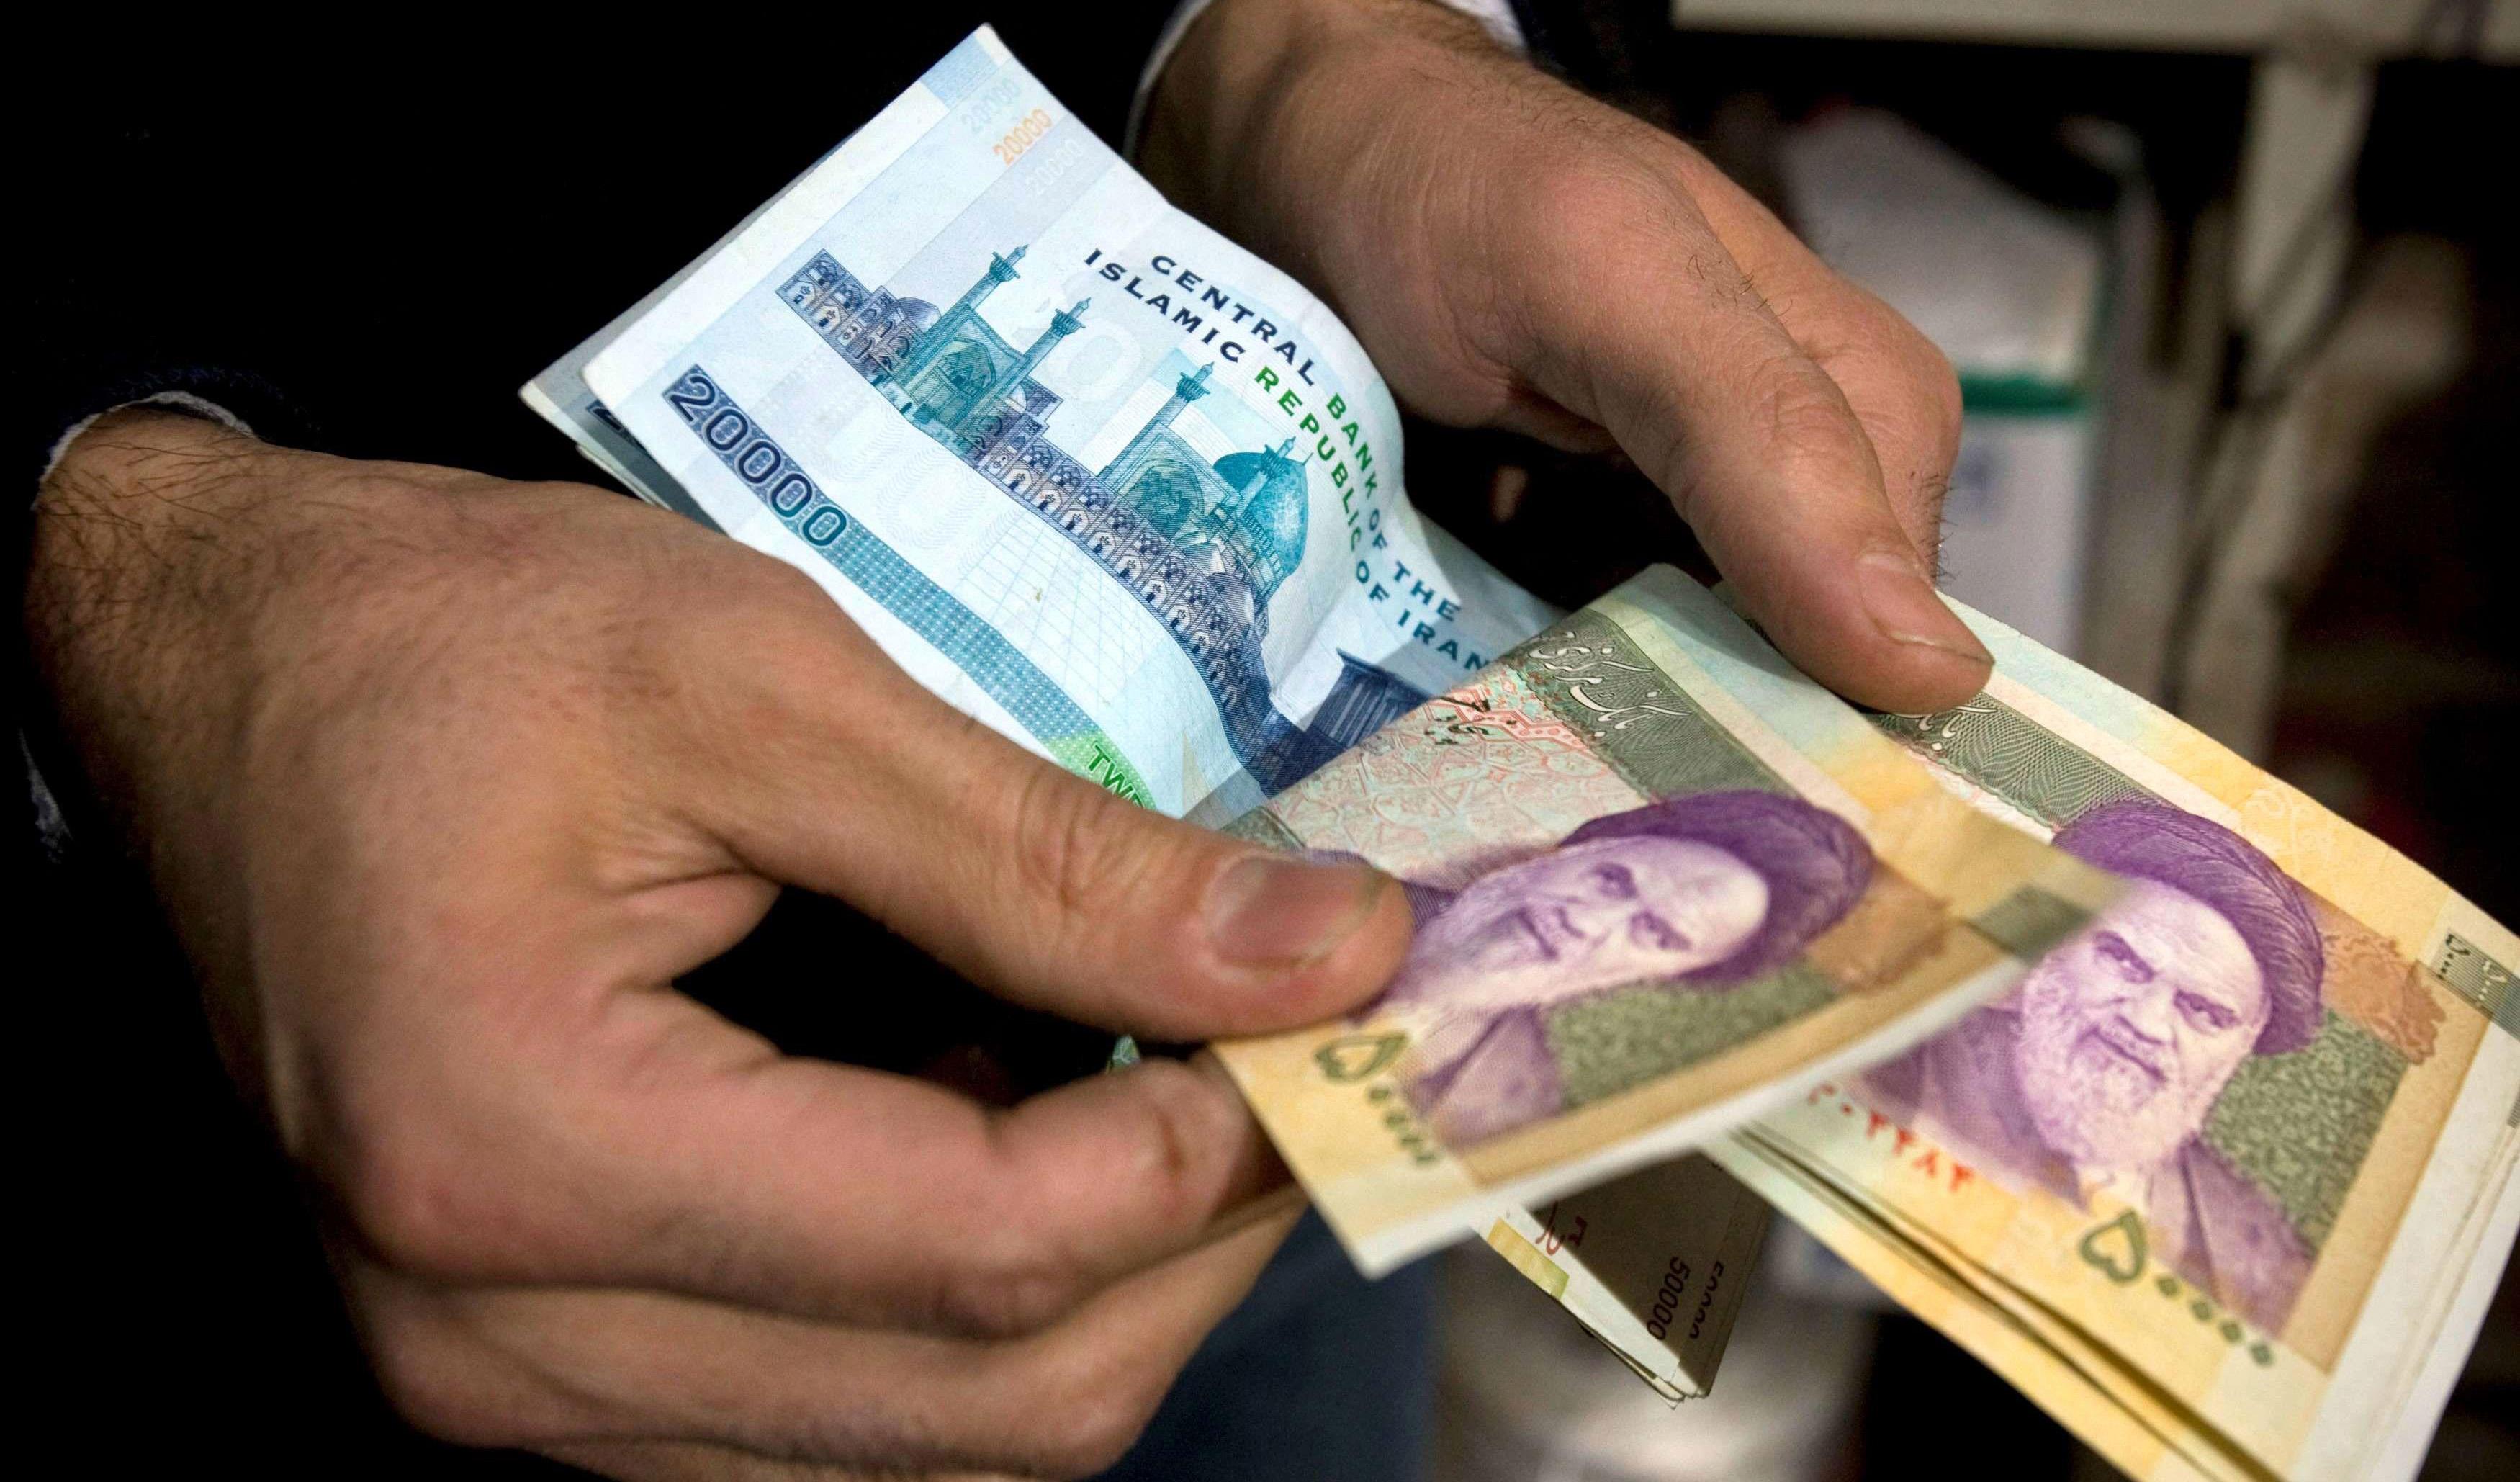 کمک معیشتی به حساب ۴۱۹ هزار خانوار جدید واریز می شود